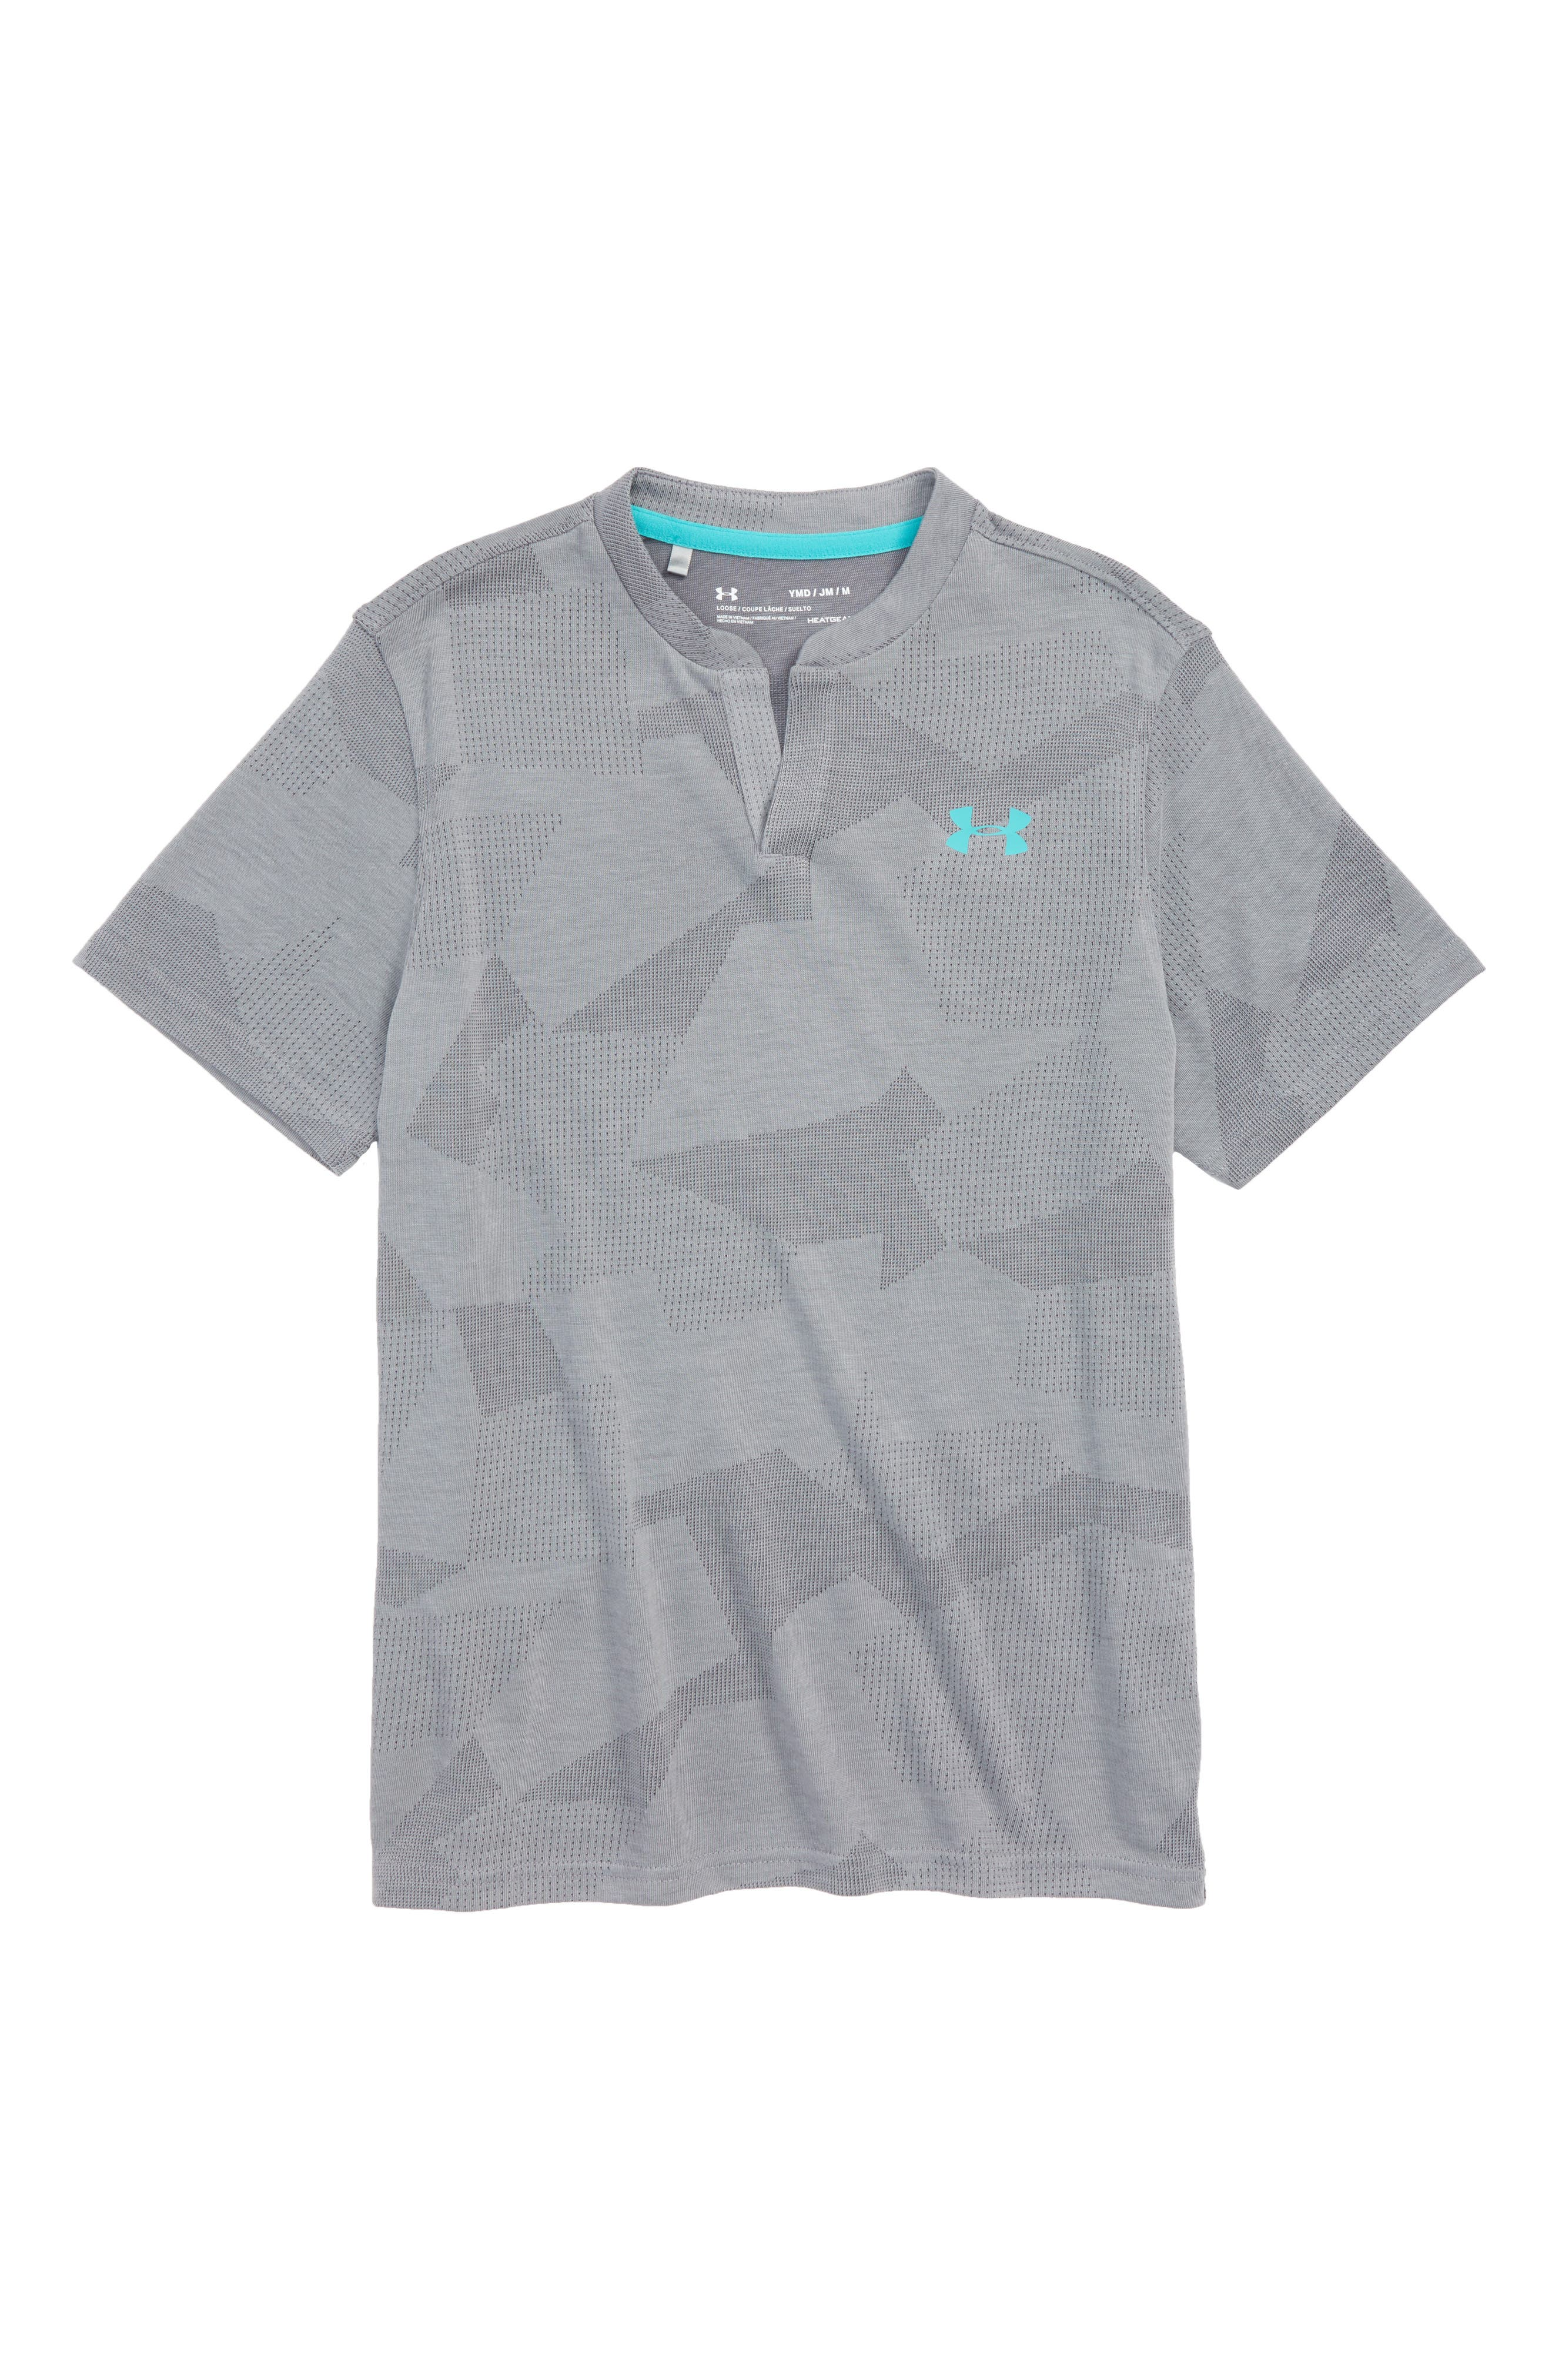 académico exageración psicología  Under Armor Golf Shirts Sale   RLDM